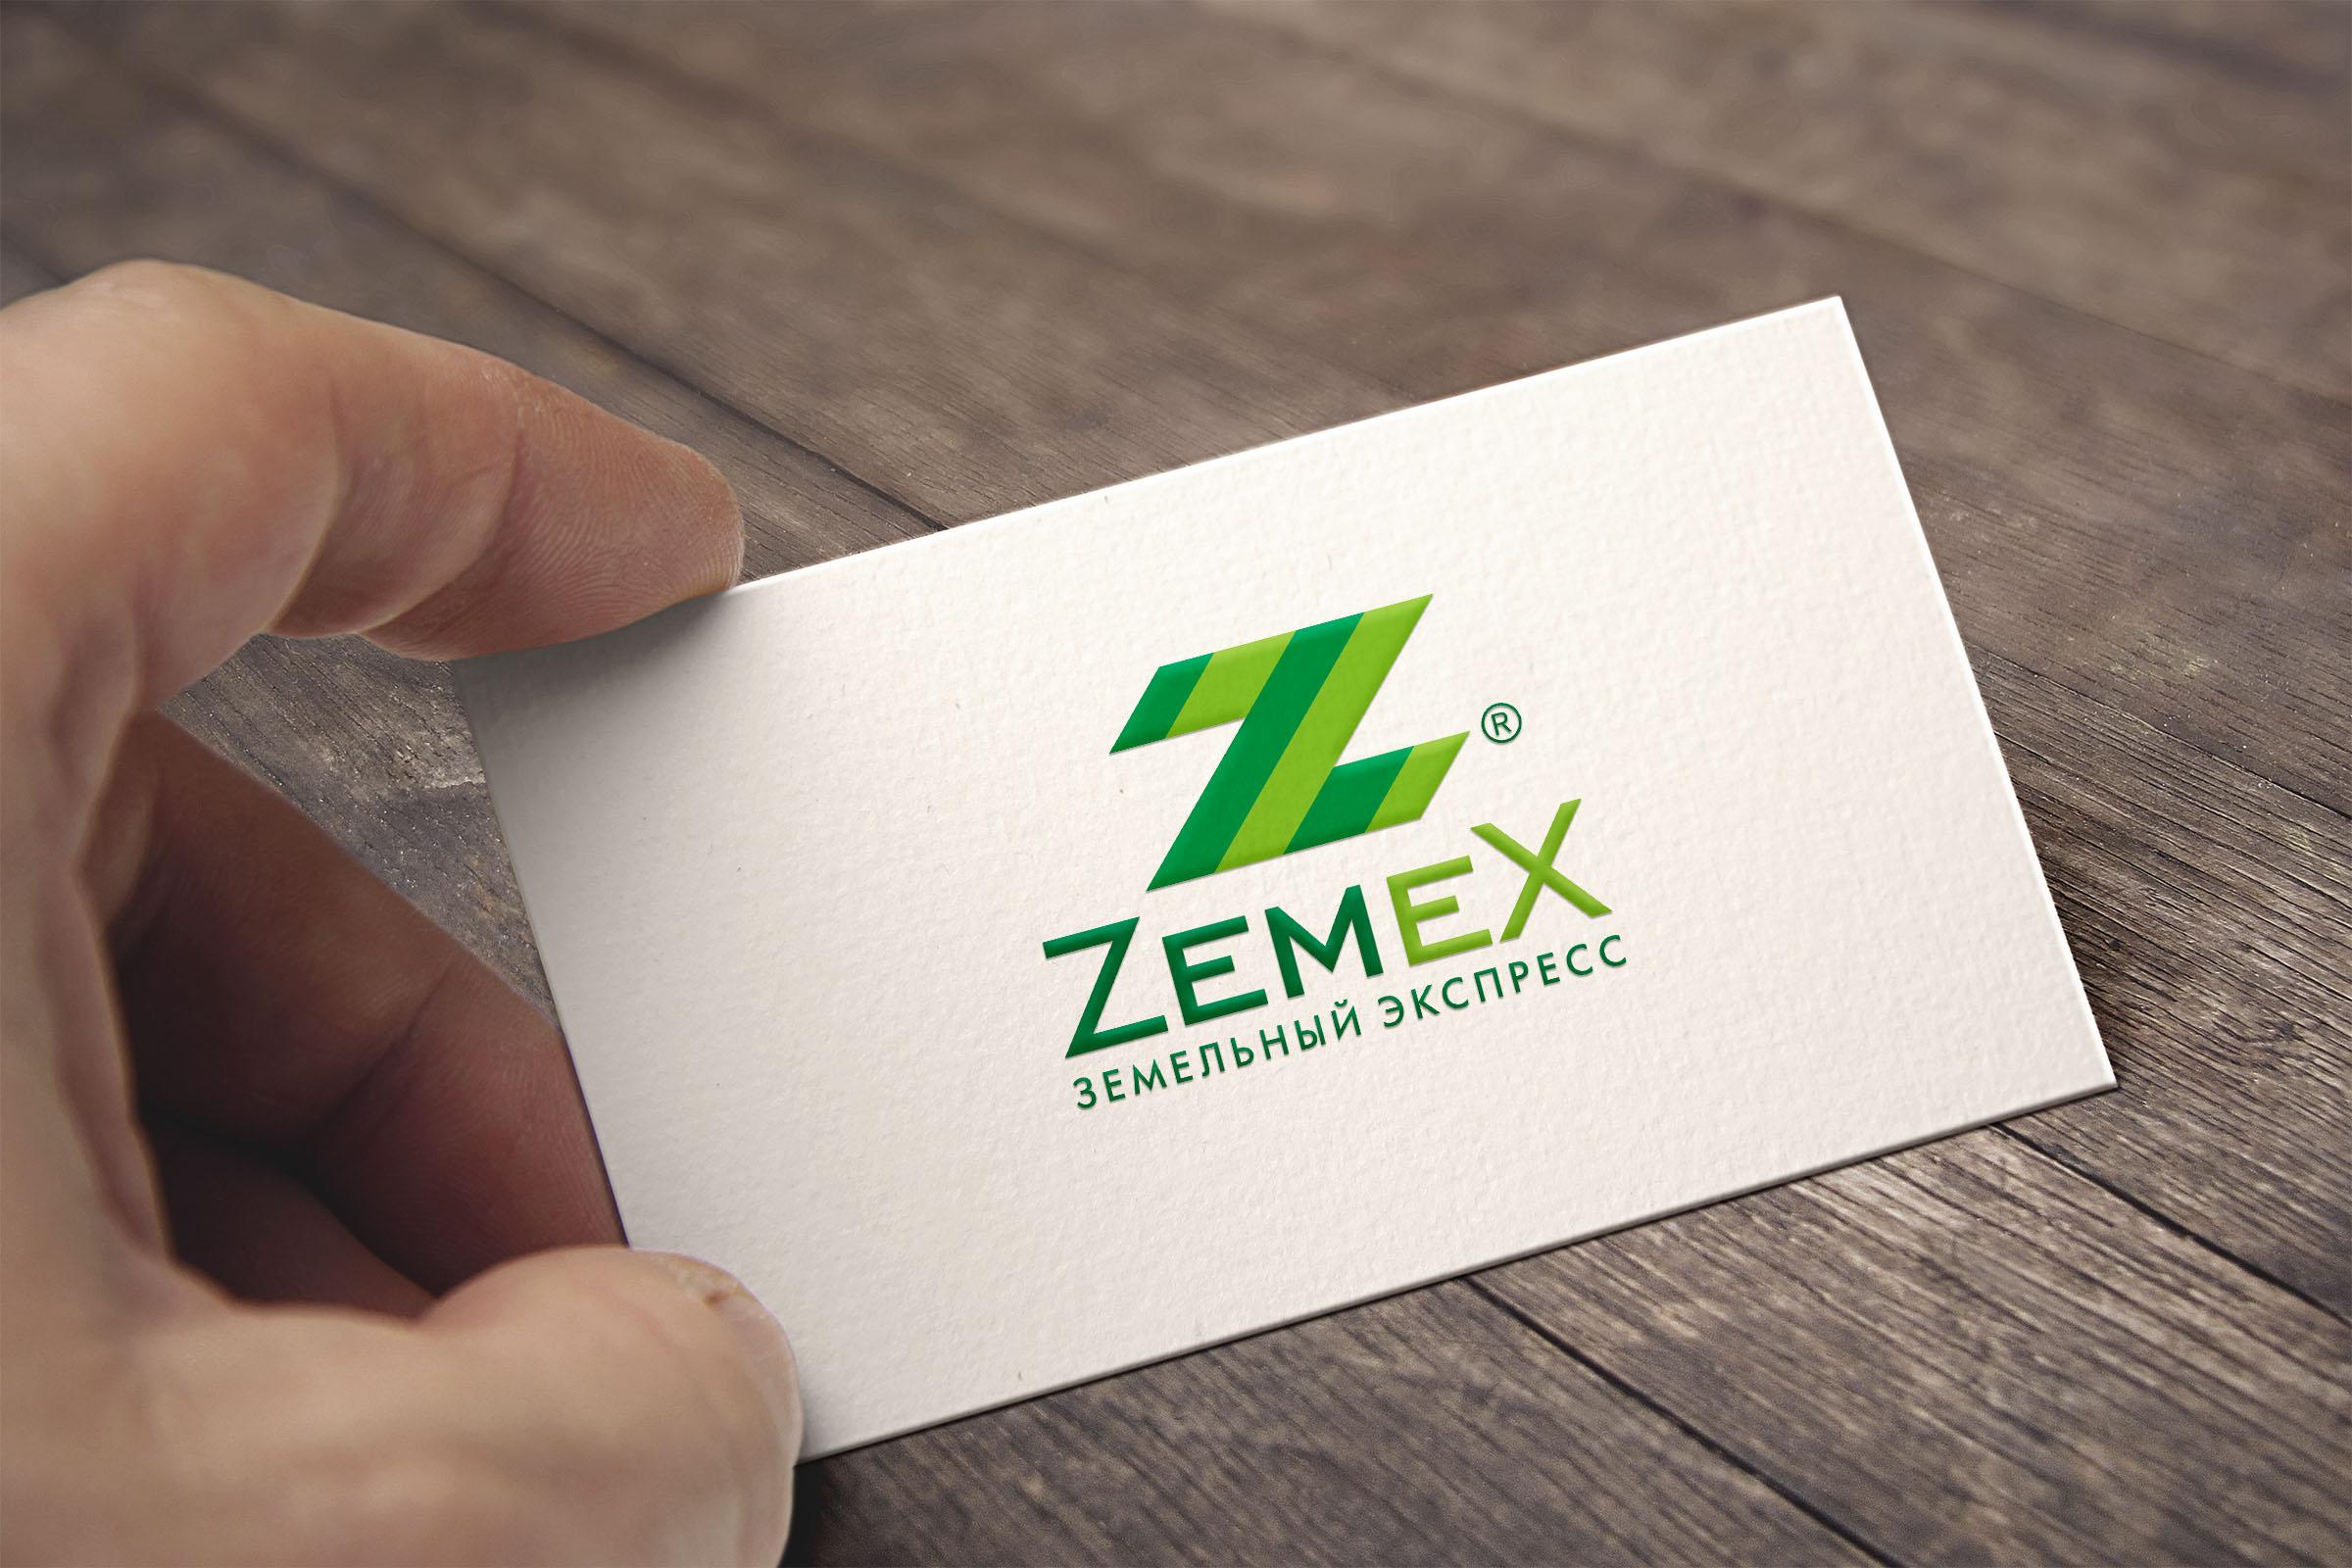 Создание логотипа и фирменного стиля фото f_29659f60ce3effb9.jpg